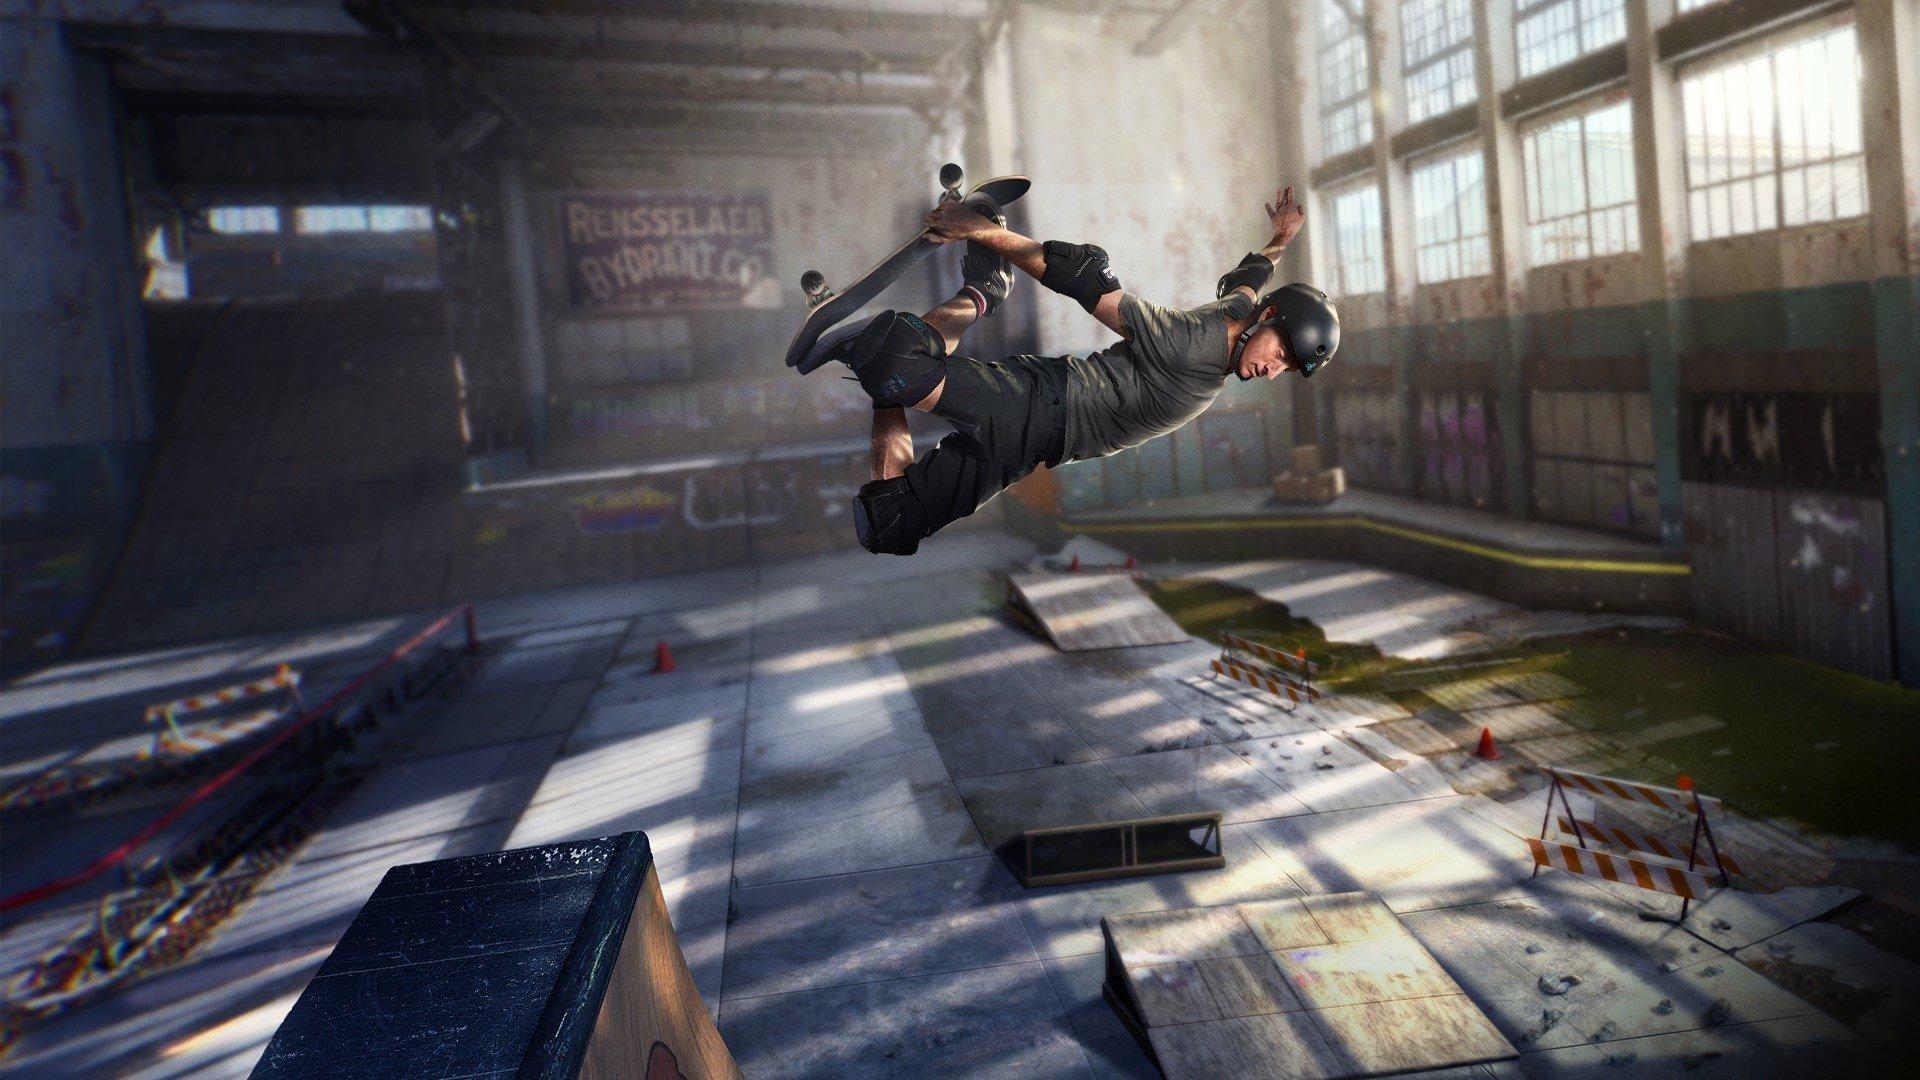 Tony Hawk's Pro Skater 1+2 sur Nintendo Switch avec date de sortie. Quand est-ce qu'on le jouera ?